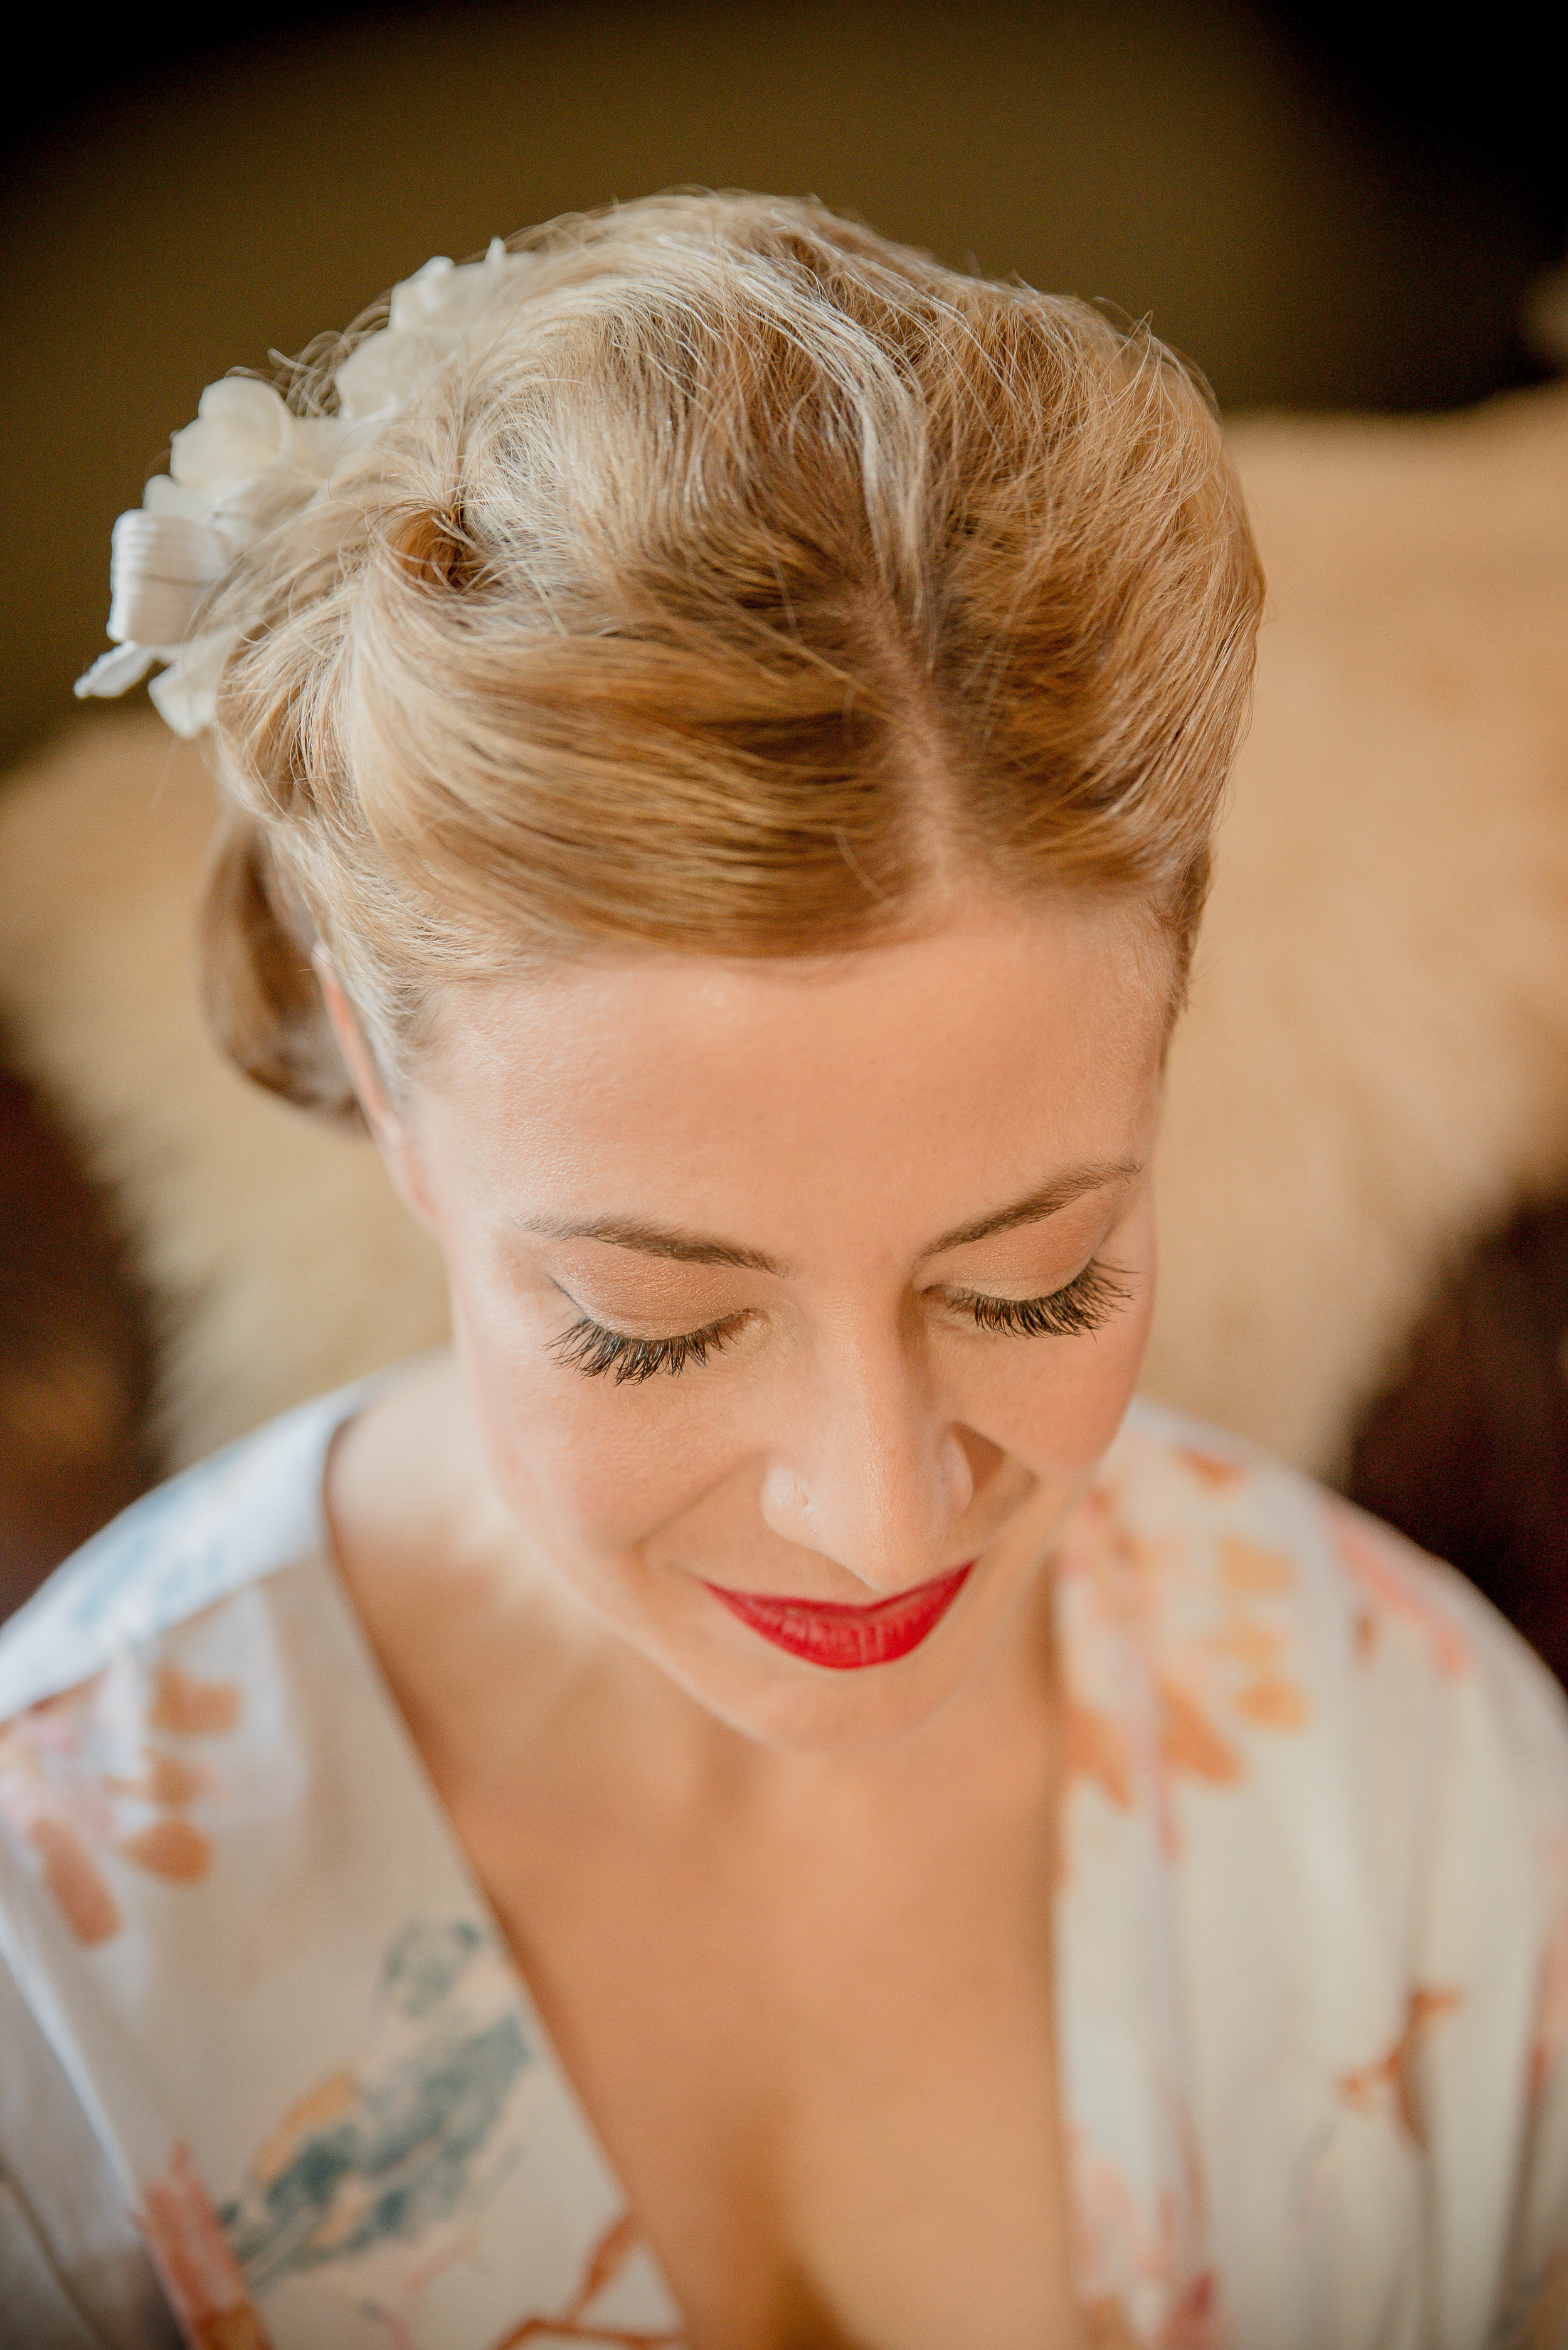 Iceland-Wedding-Photographer-Photos-by-Miss-Ann-5.jpg